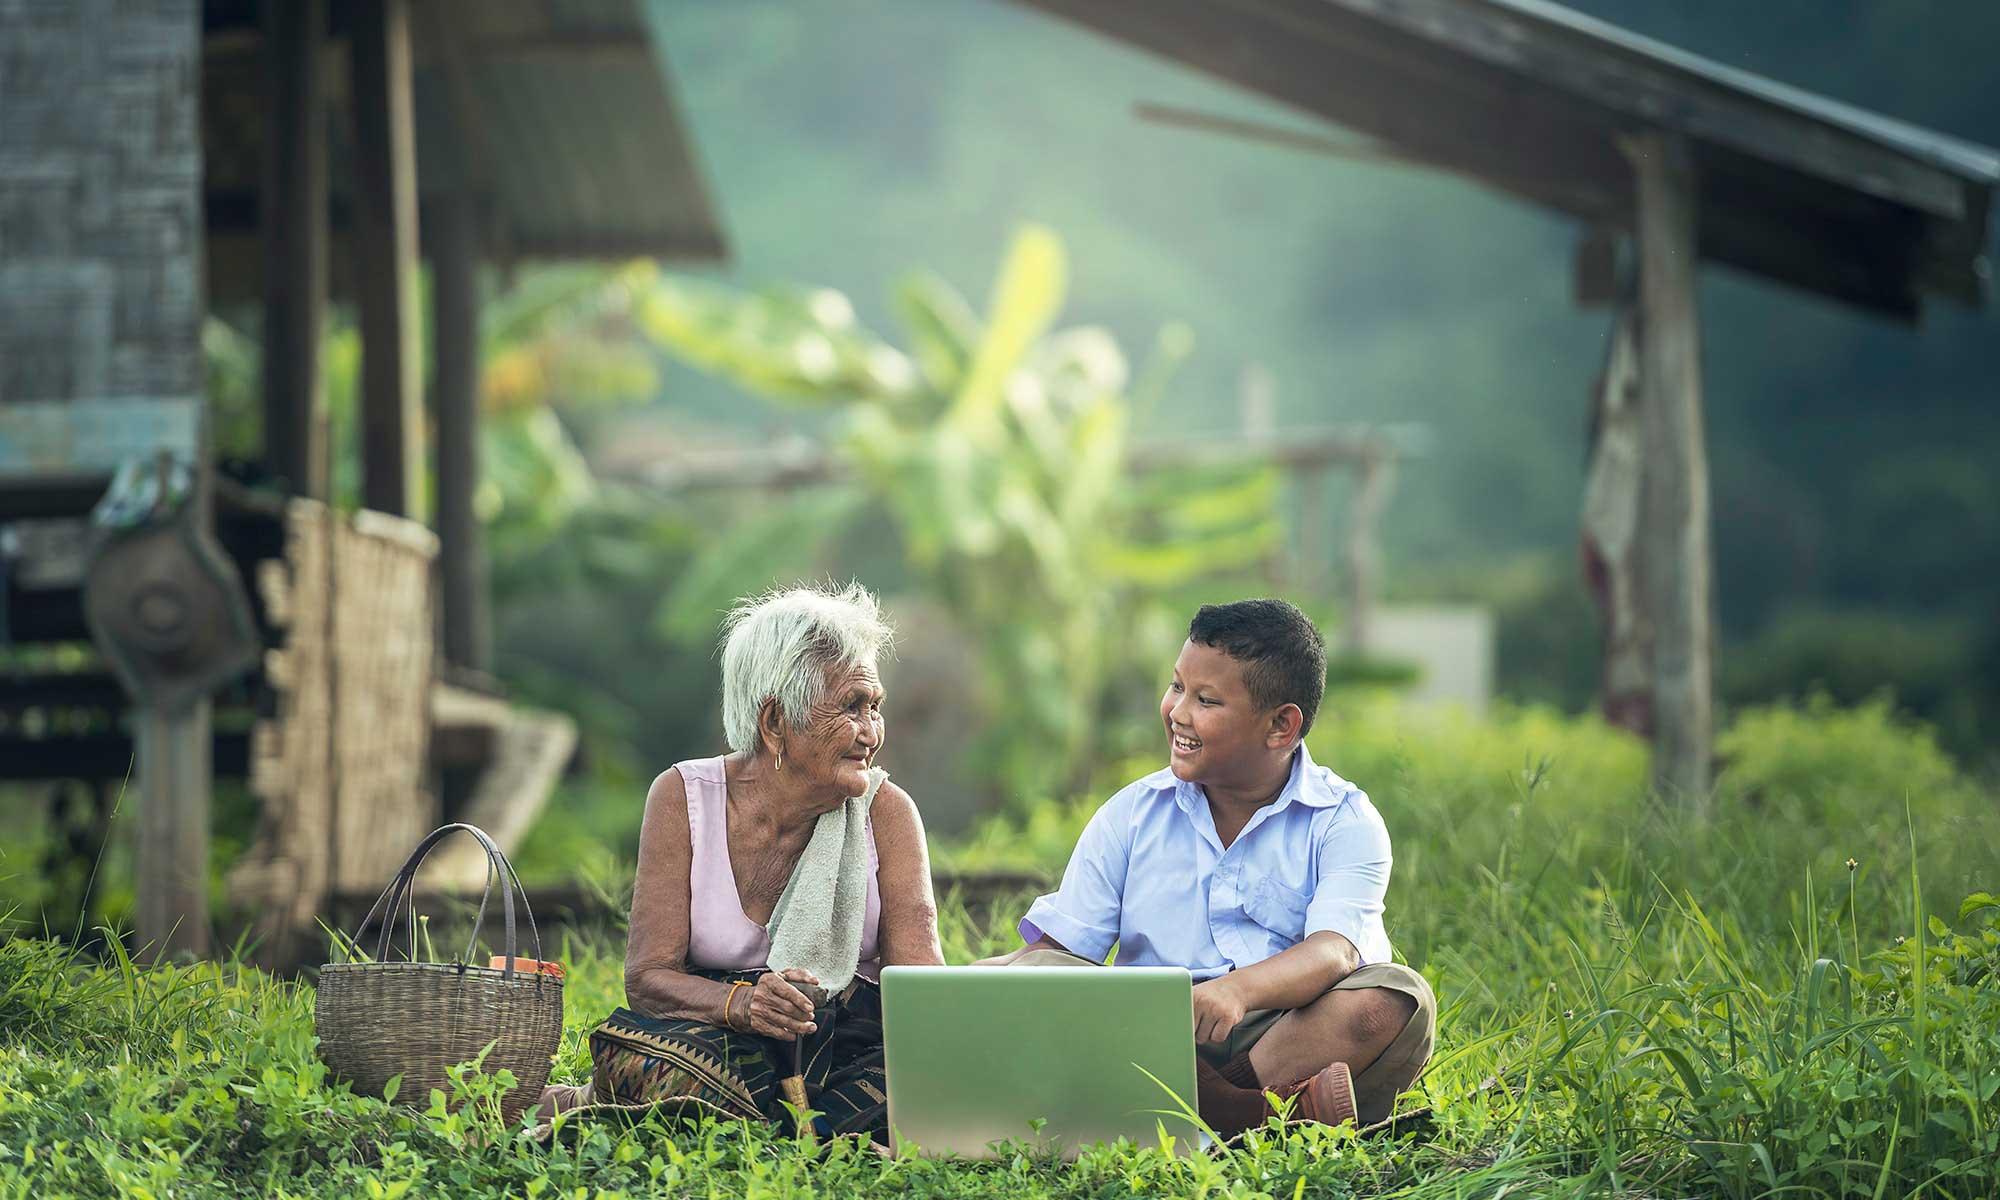 Conoce las oportunidades que ofrece la aplicación de Big Data en proyectos para el bien social, que ayudan para lograr la sostenibilidad y alcanzar los ODS 2030.